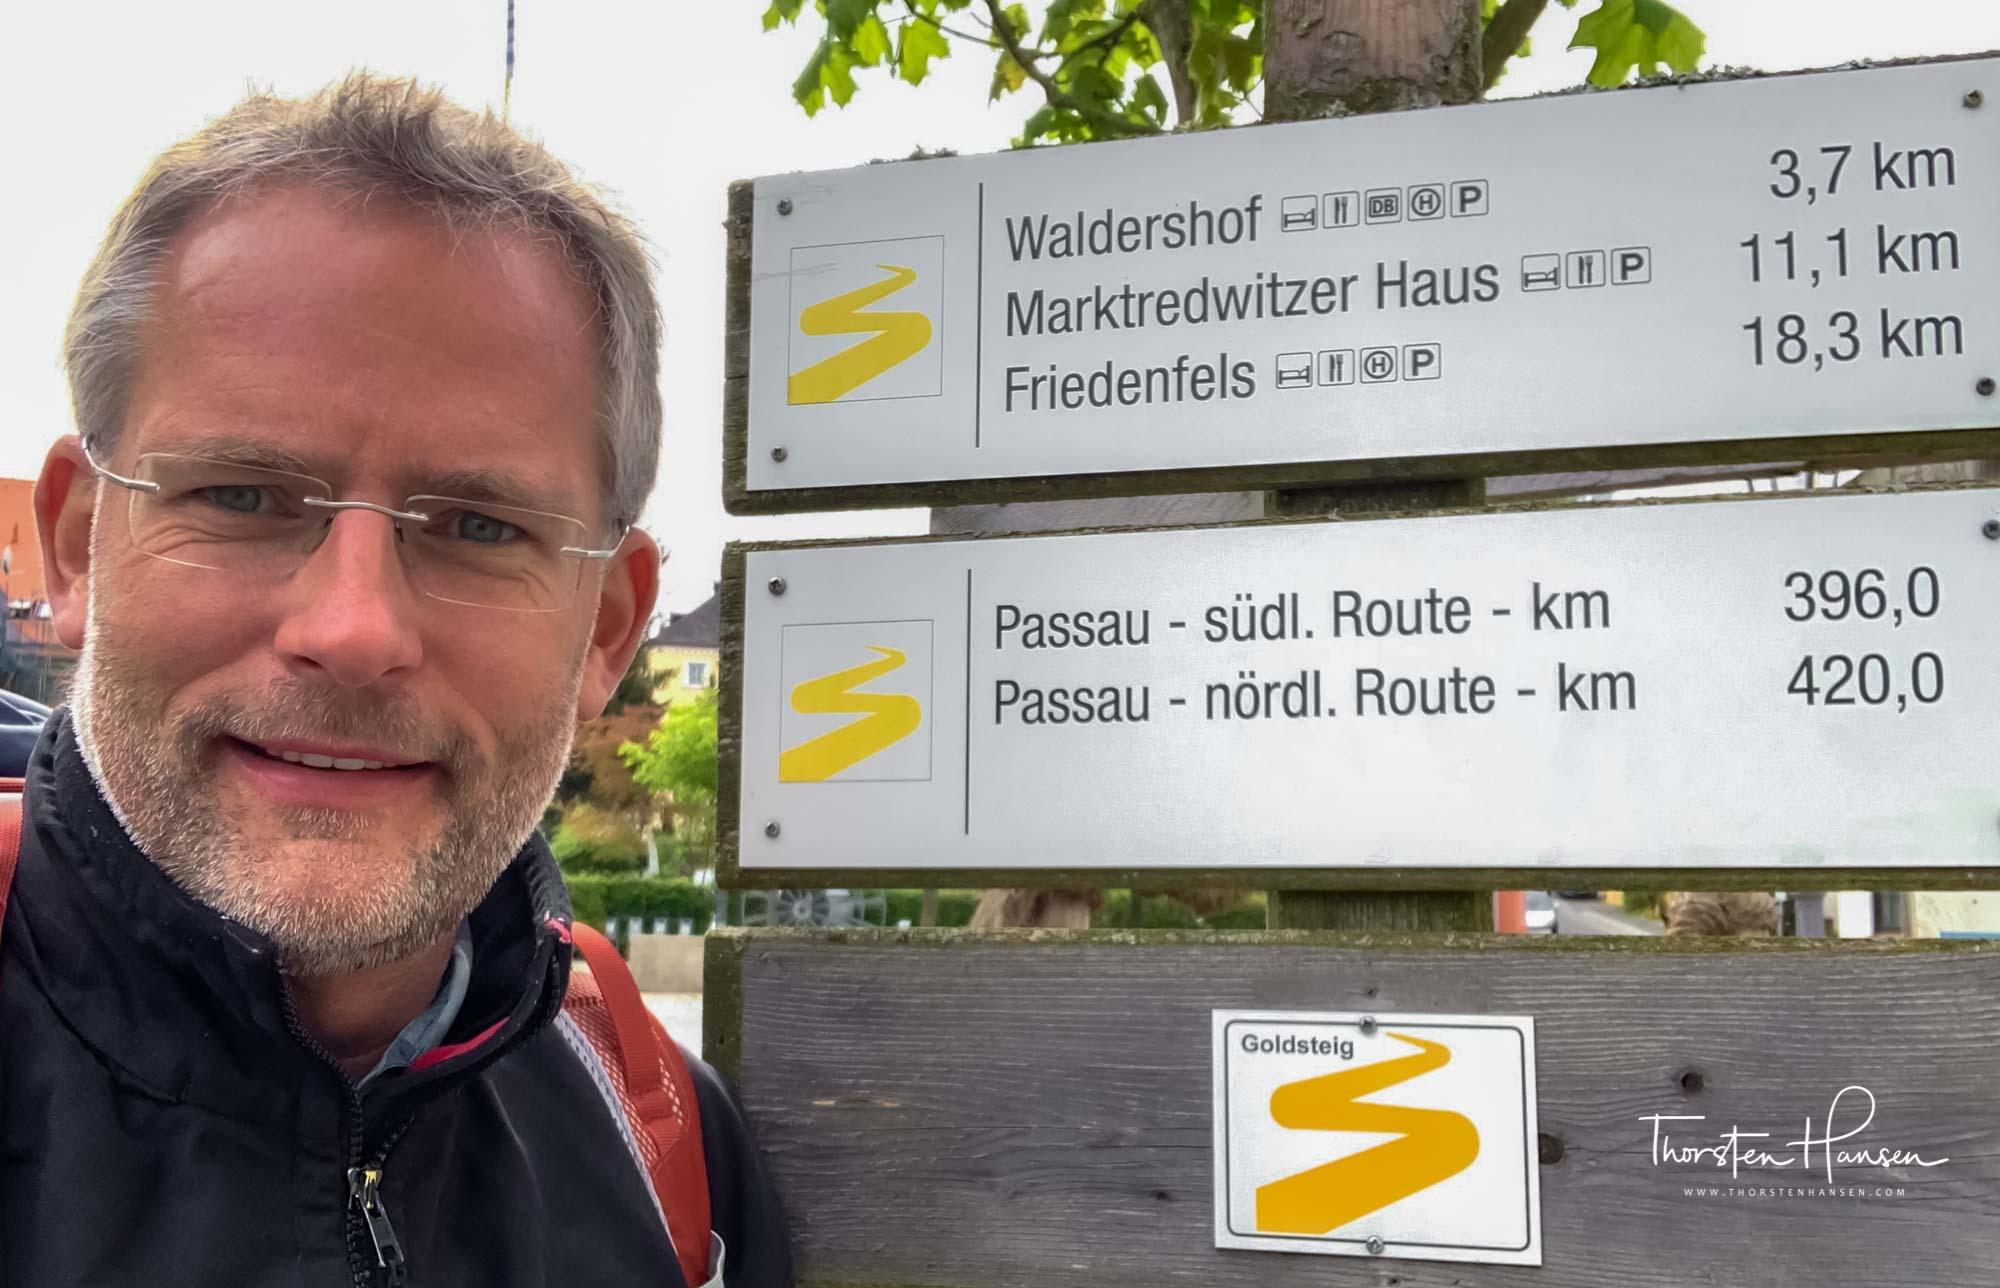 Erleben Sie mit dem Reiseleiter Thorsten Hansen ein 14 tägiges Trekking, durch die Simien Berge in Äthiopien